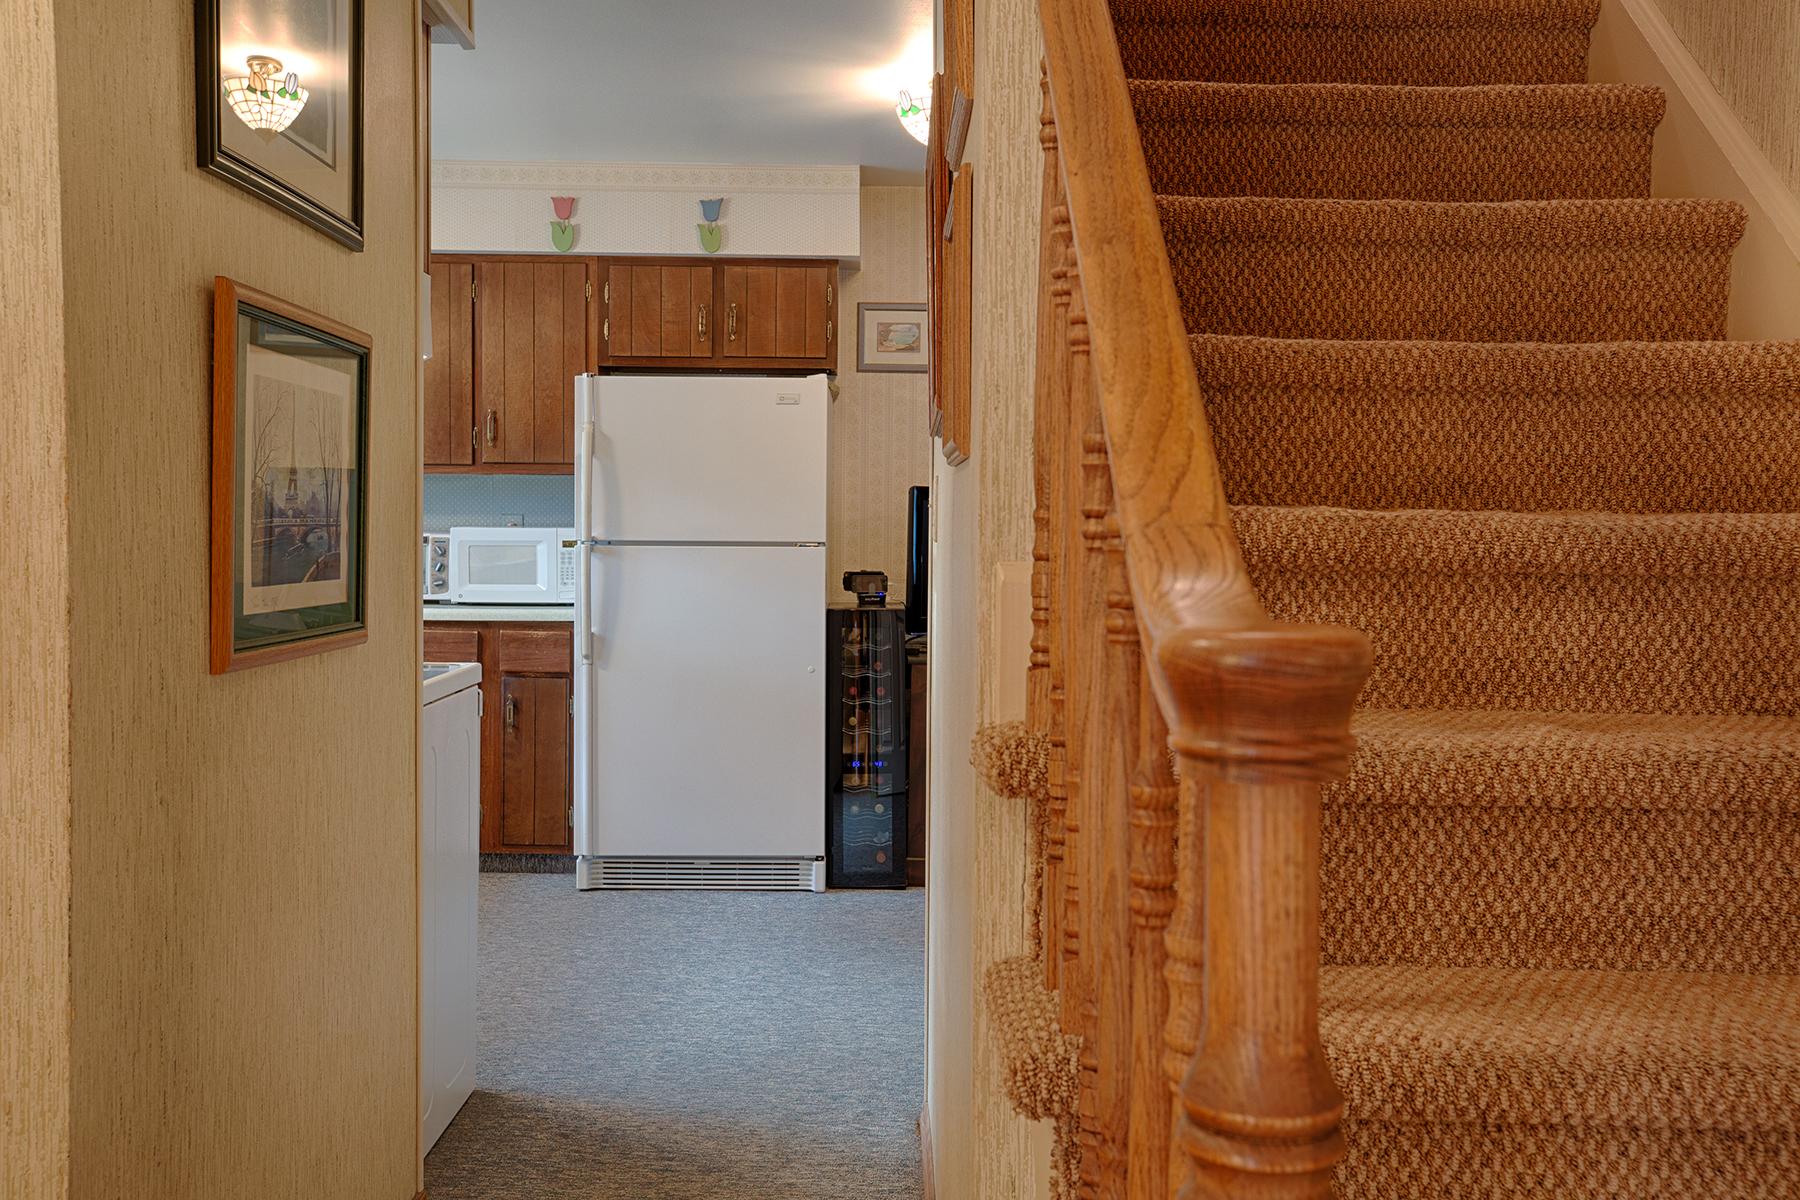 008 EAP Maria Barr 10 Lexington Rd Saratoga Springs crest 34.jpg